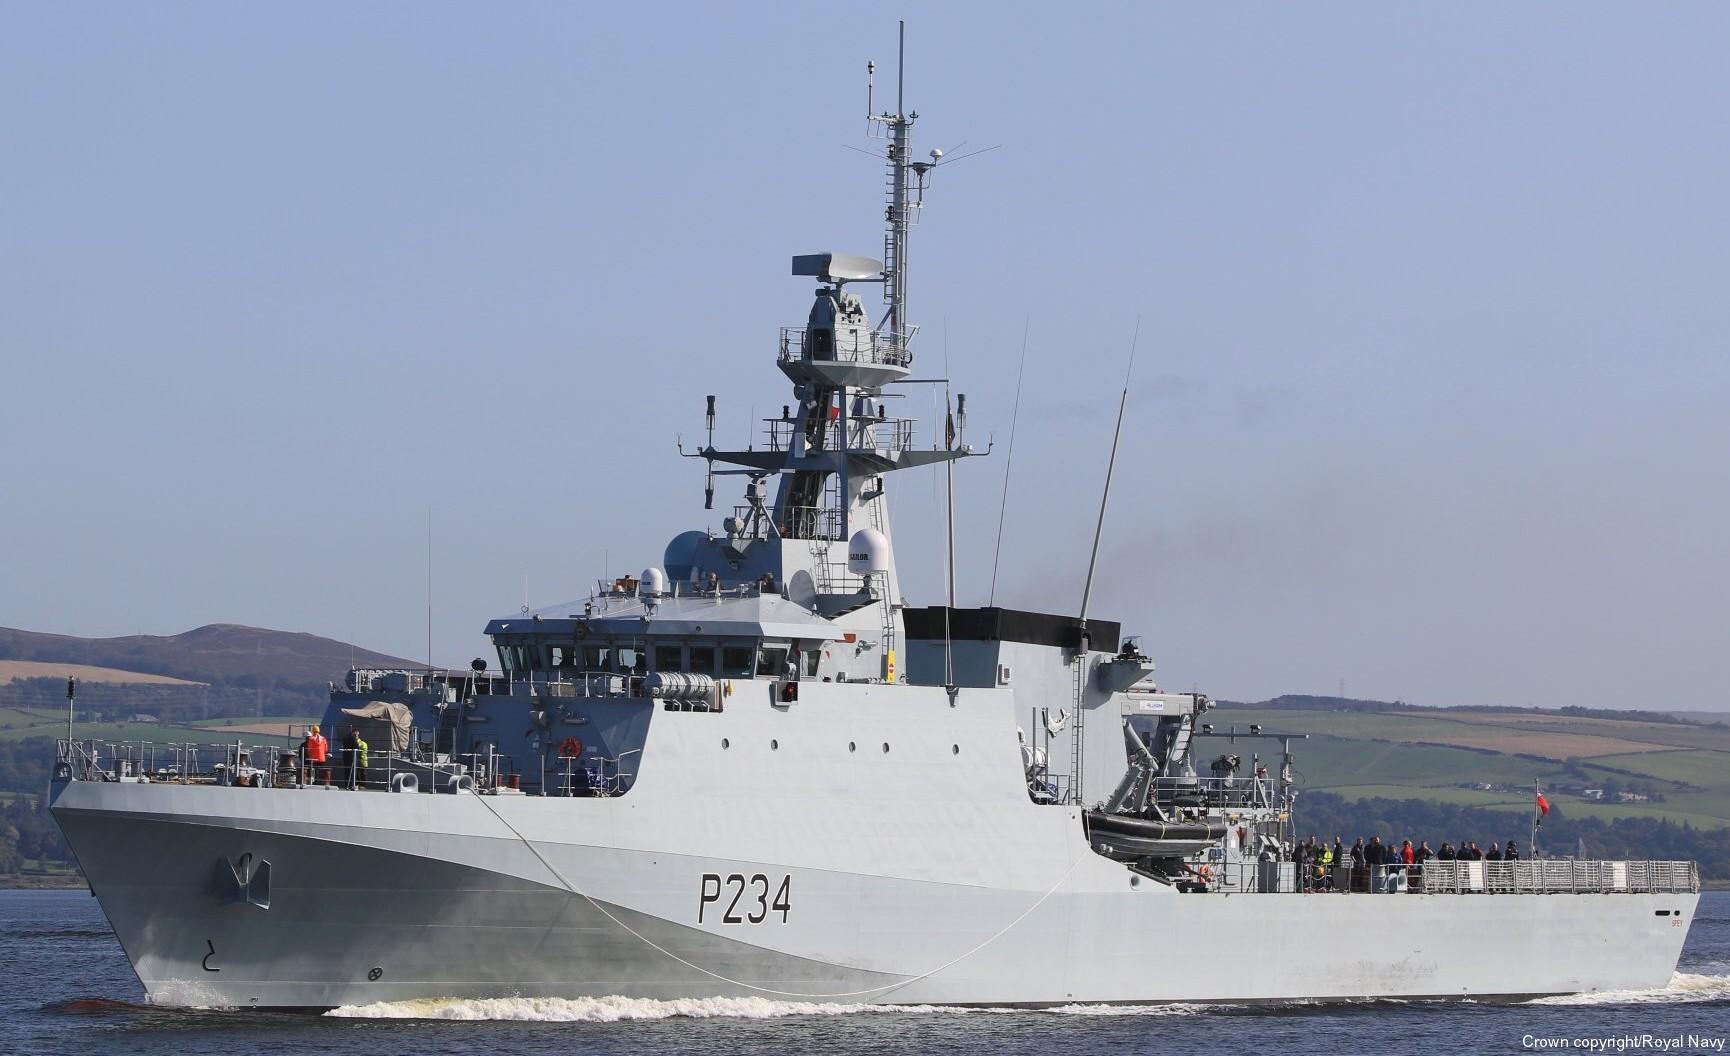 https://www.seaforces.org/marint/Royal-Navy/Patrol-Vessel/P234-HMS-Spey_DAT/P234-HMS-Spey-005.jpg